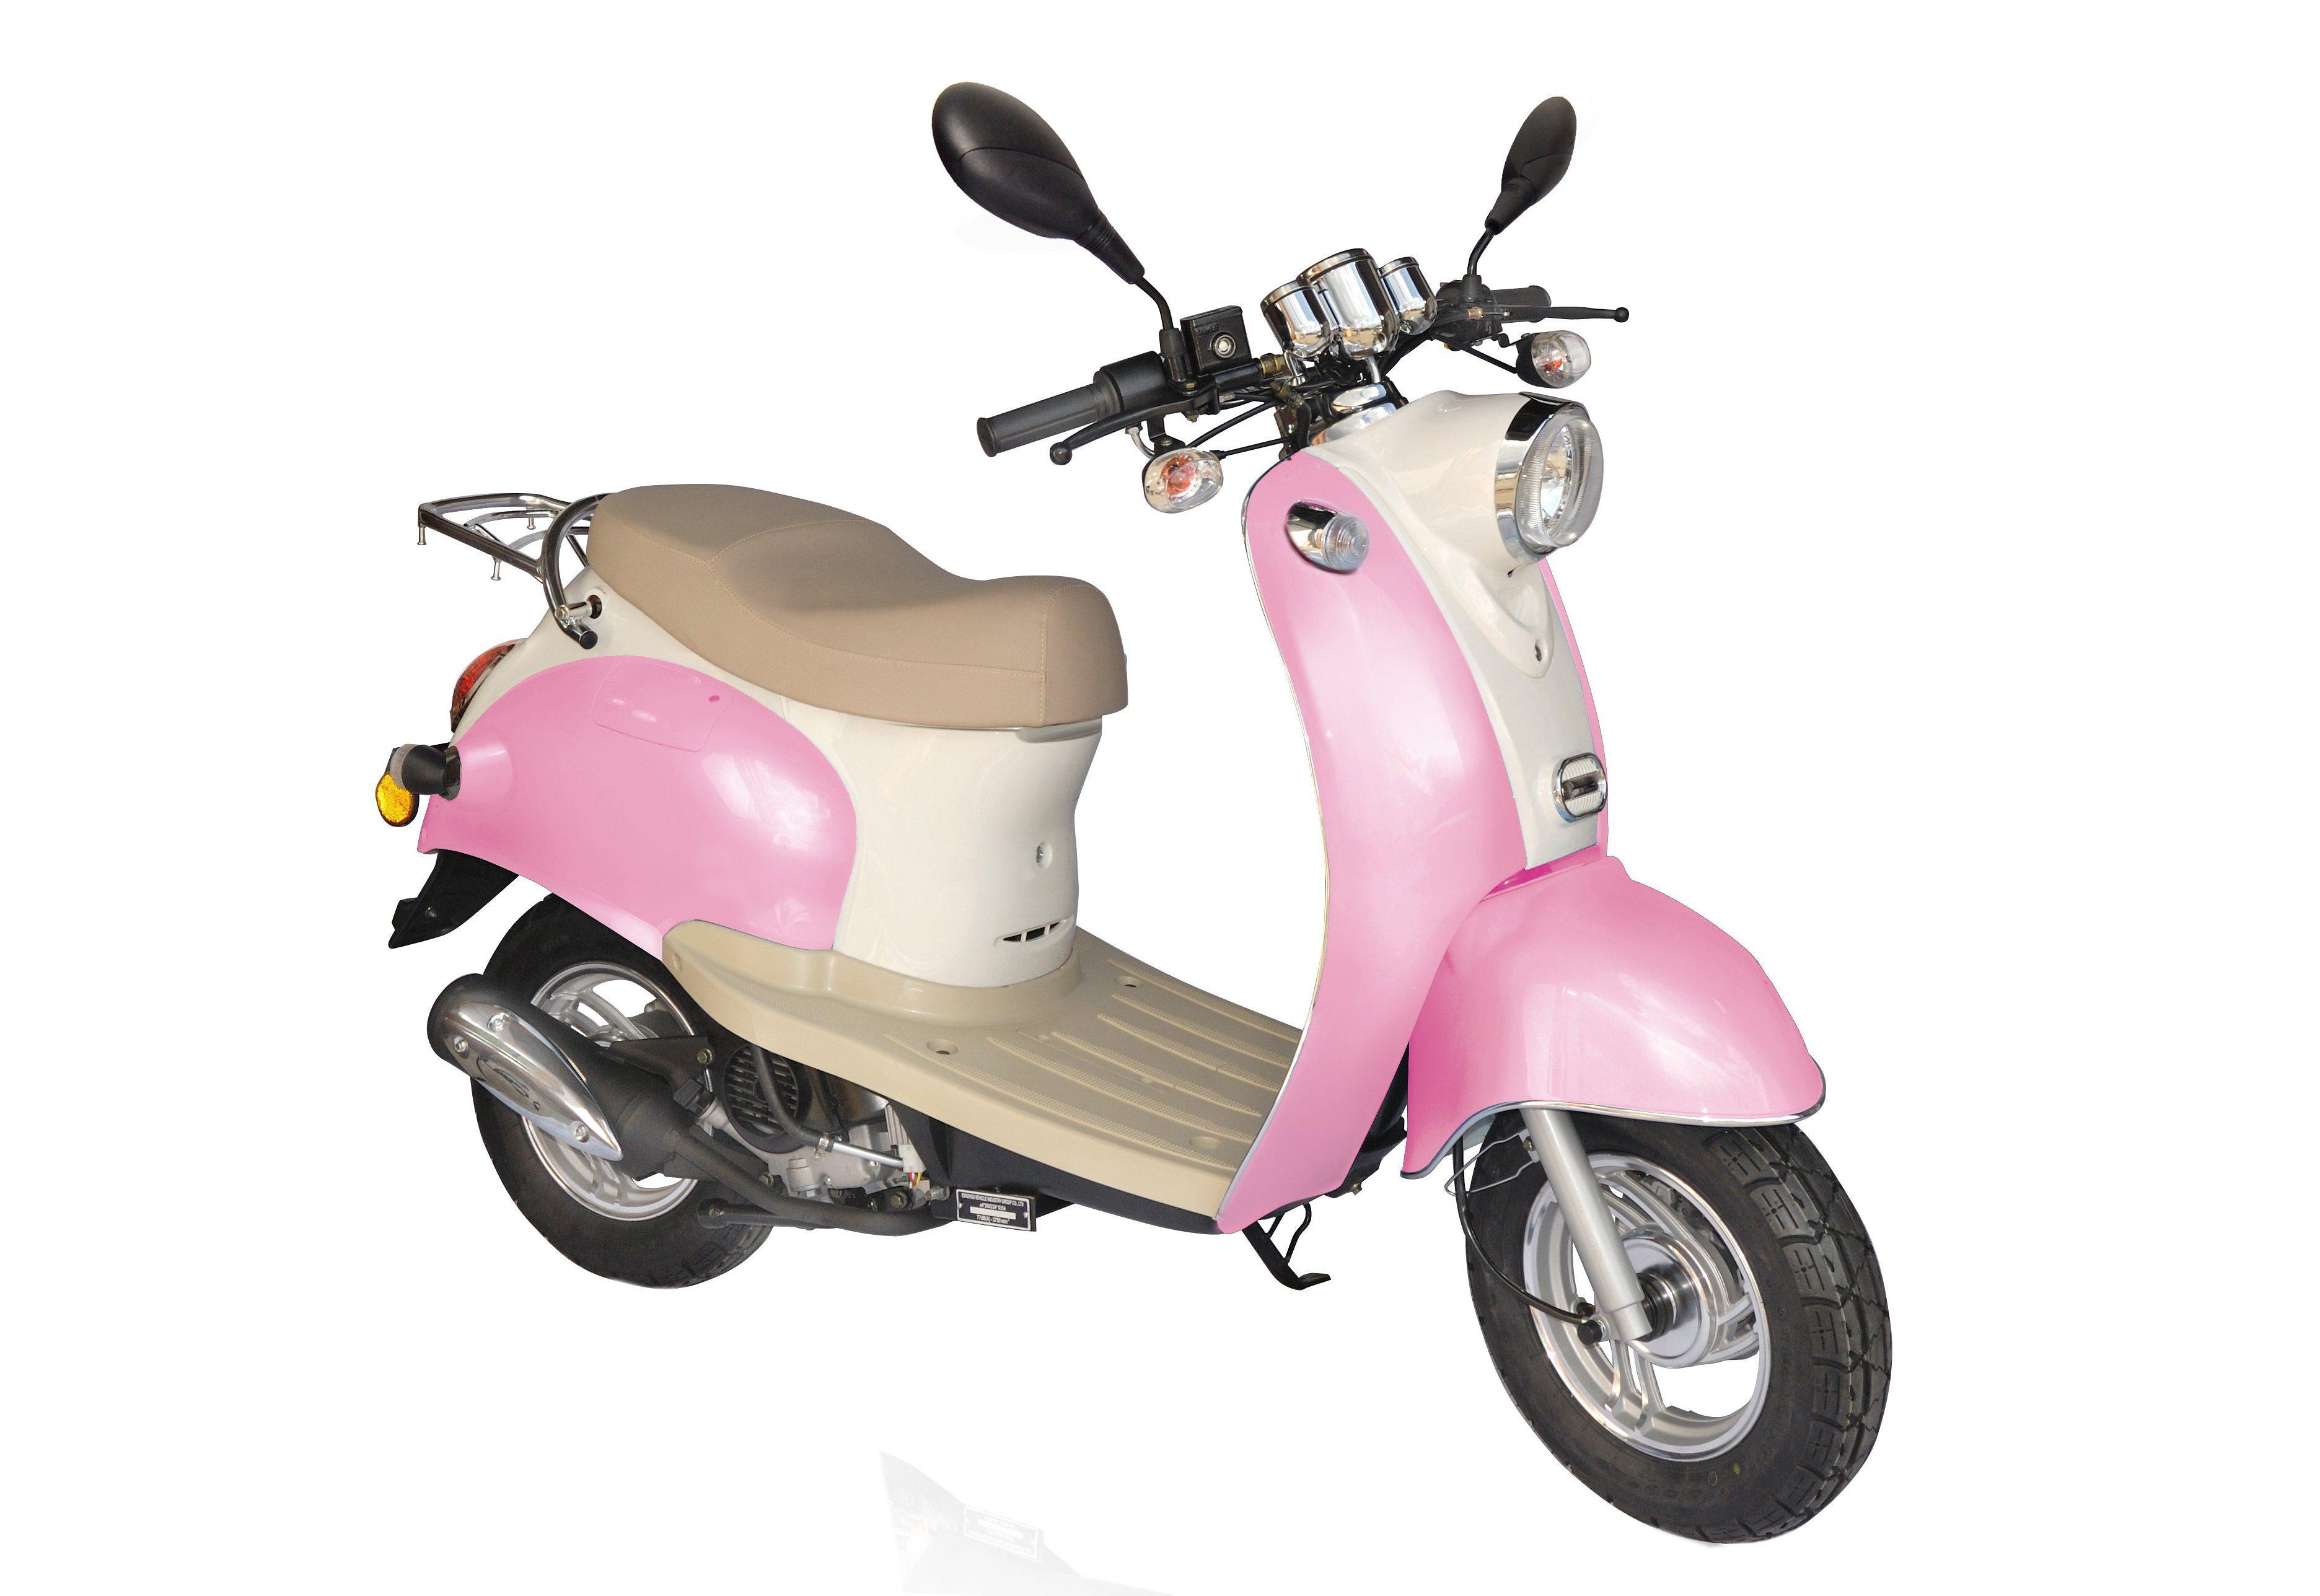 Retro-Motorroller, Nova Motors, »Venezia II-Mokick«, 49-ccm, 45 km/h